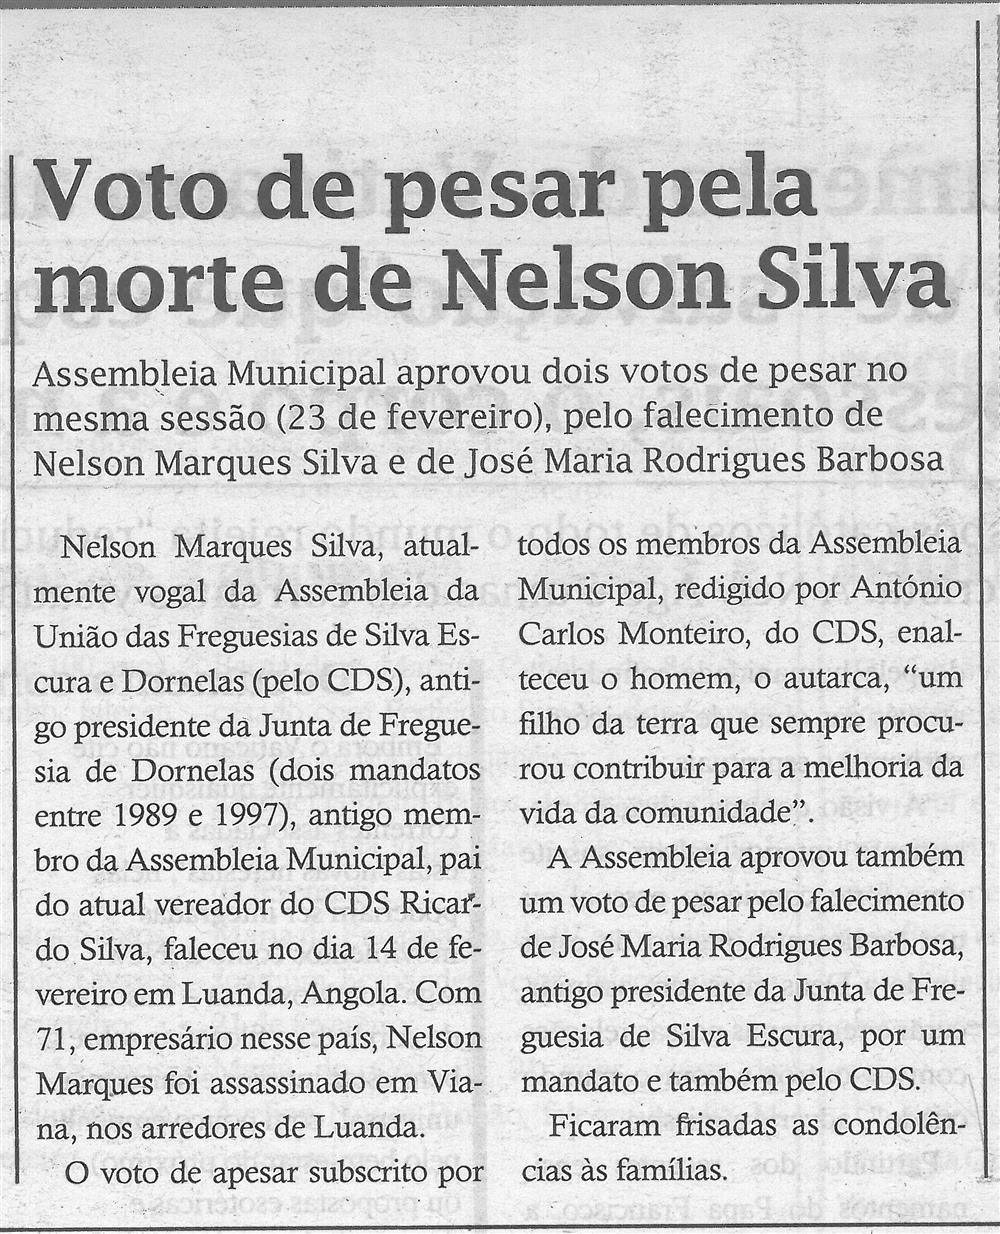 TV-mar.'18-p.8-Voto de pesar pela morte de Nelson Silva.jpg